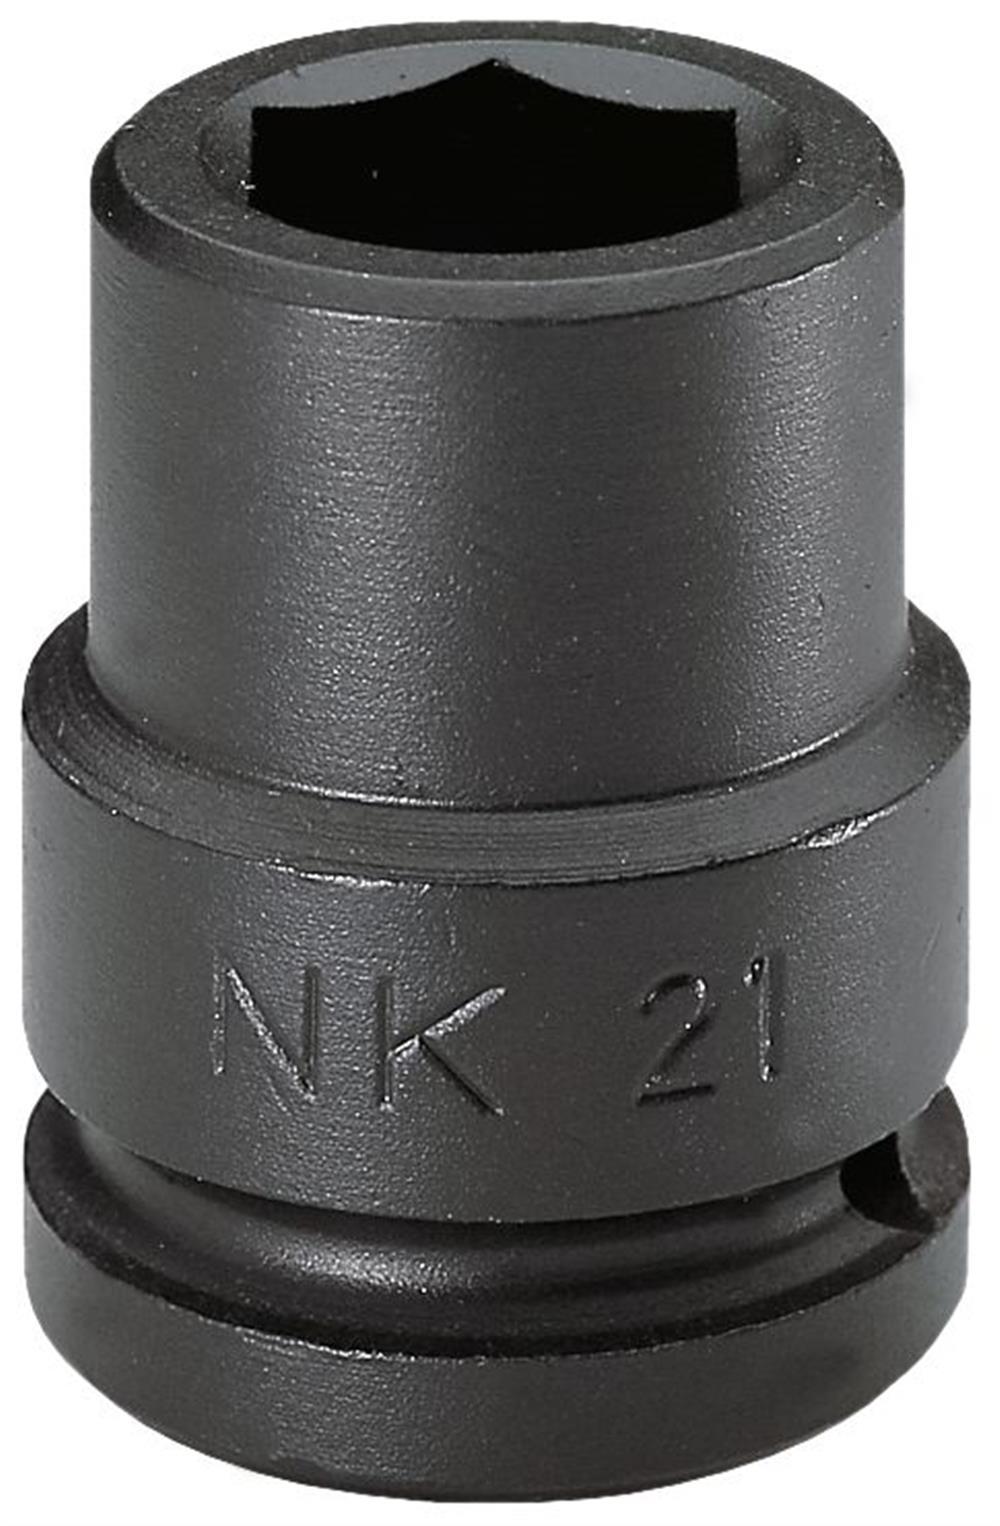 NK.A - Vasos impacto 34 6 caras en pulgadas